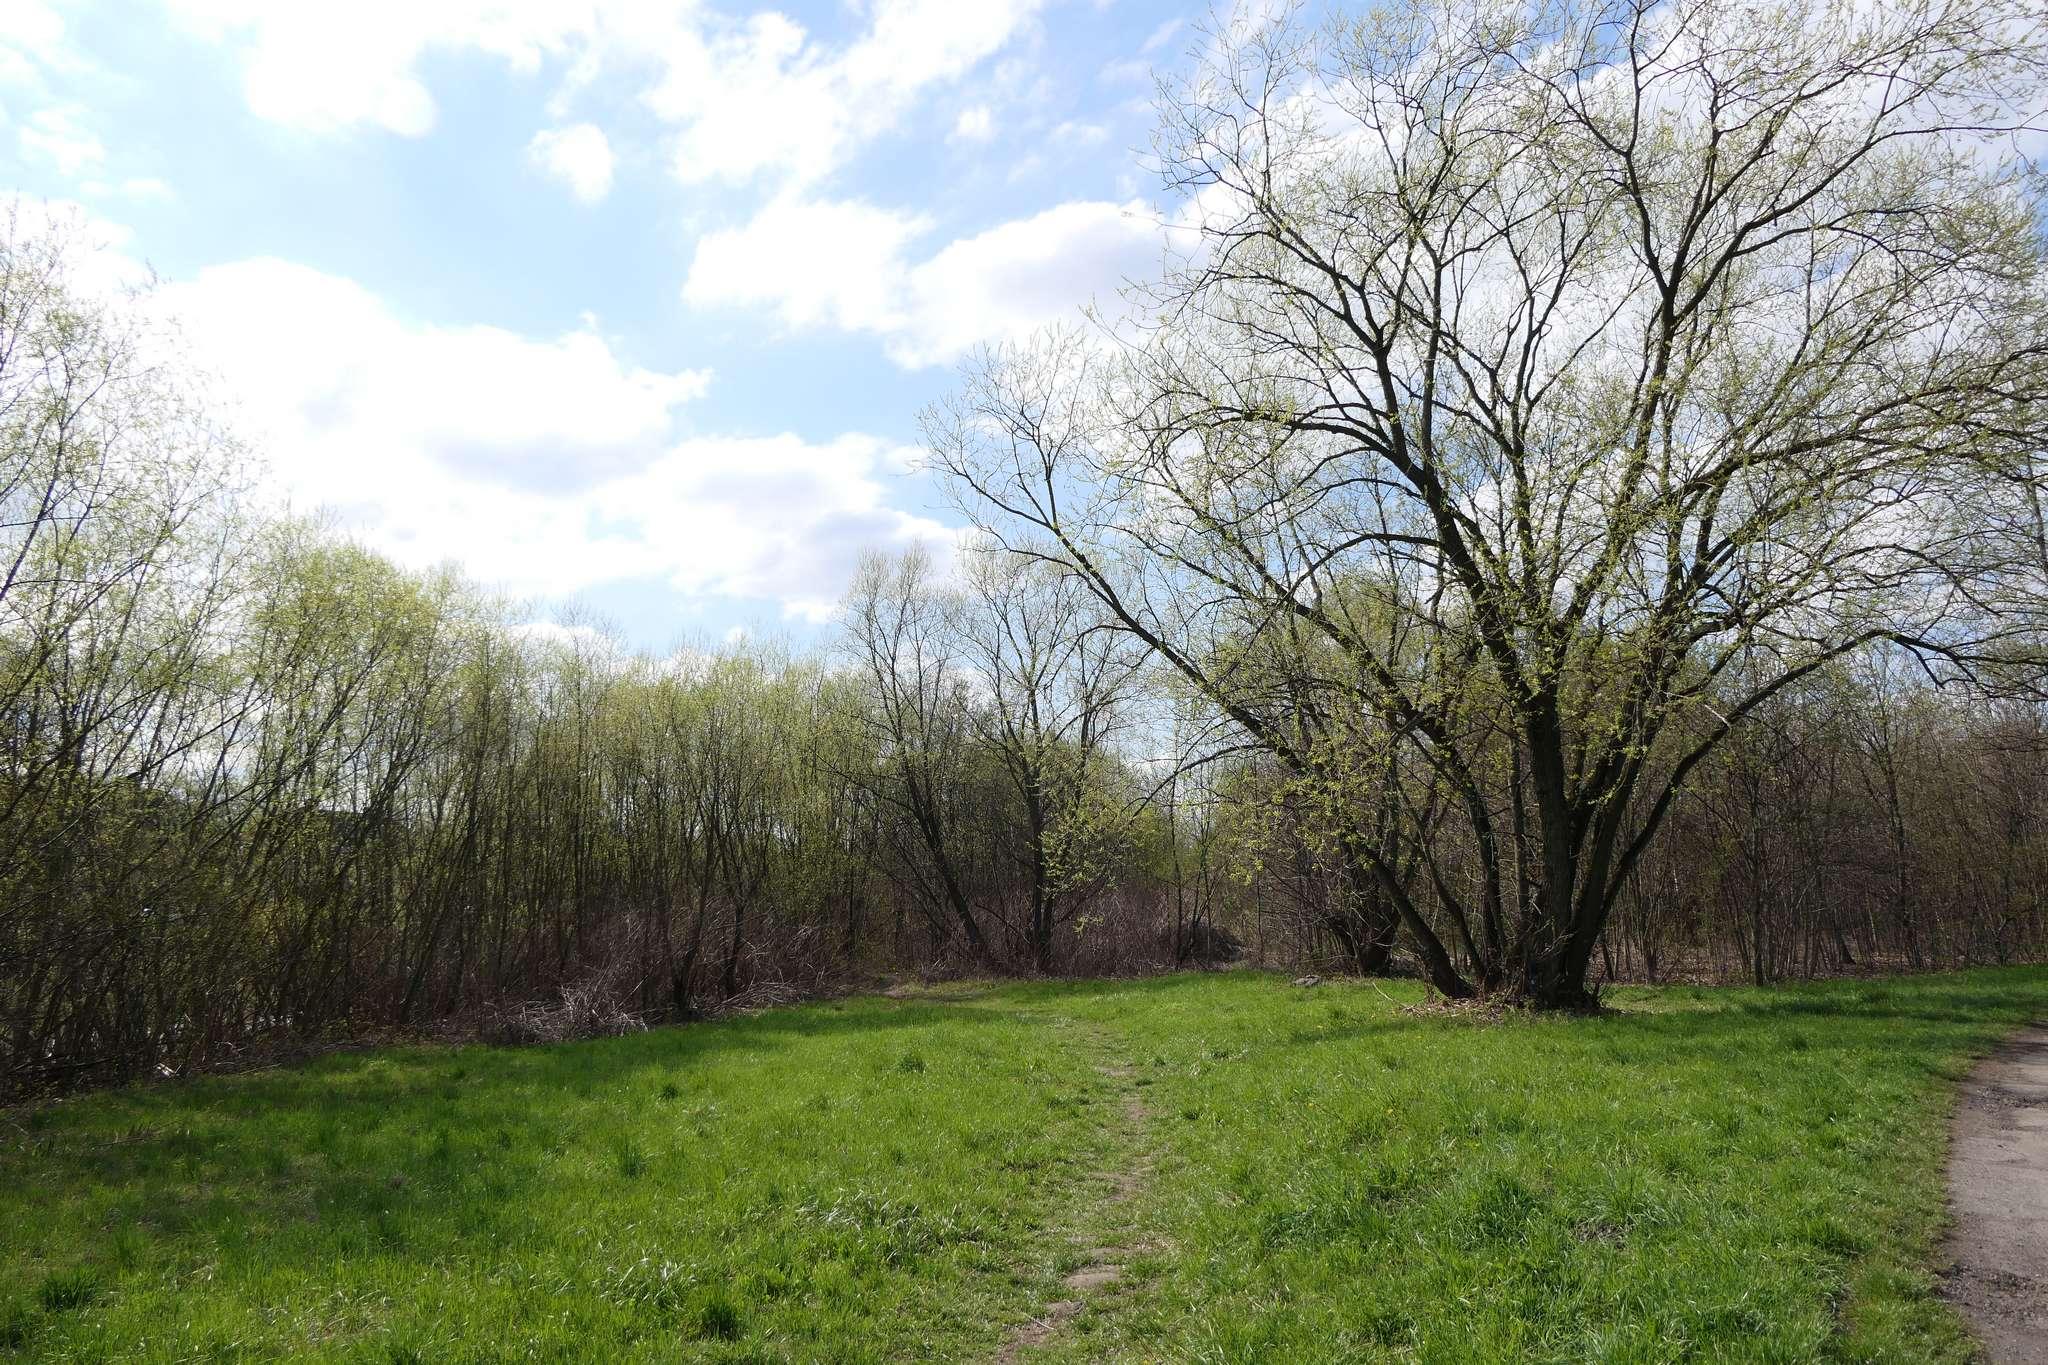 Niewielka łąka, za którą rozpoczynają się trudne do przebrnięcia chaszcze. Nie zrażając się przewidywanymi trudnościami wbijamy się w gąszcz. W tym roku to może już ostatnia okazja zanim dzika roślinność całkowicie przesłoni przejście.